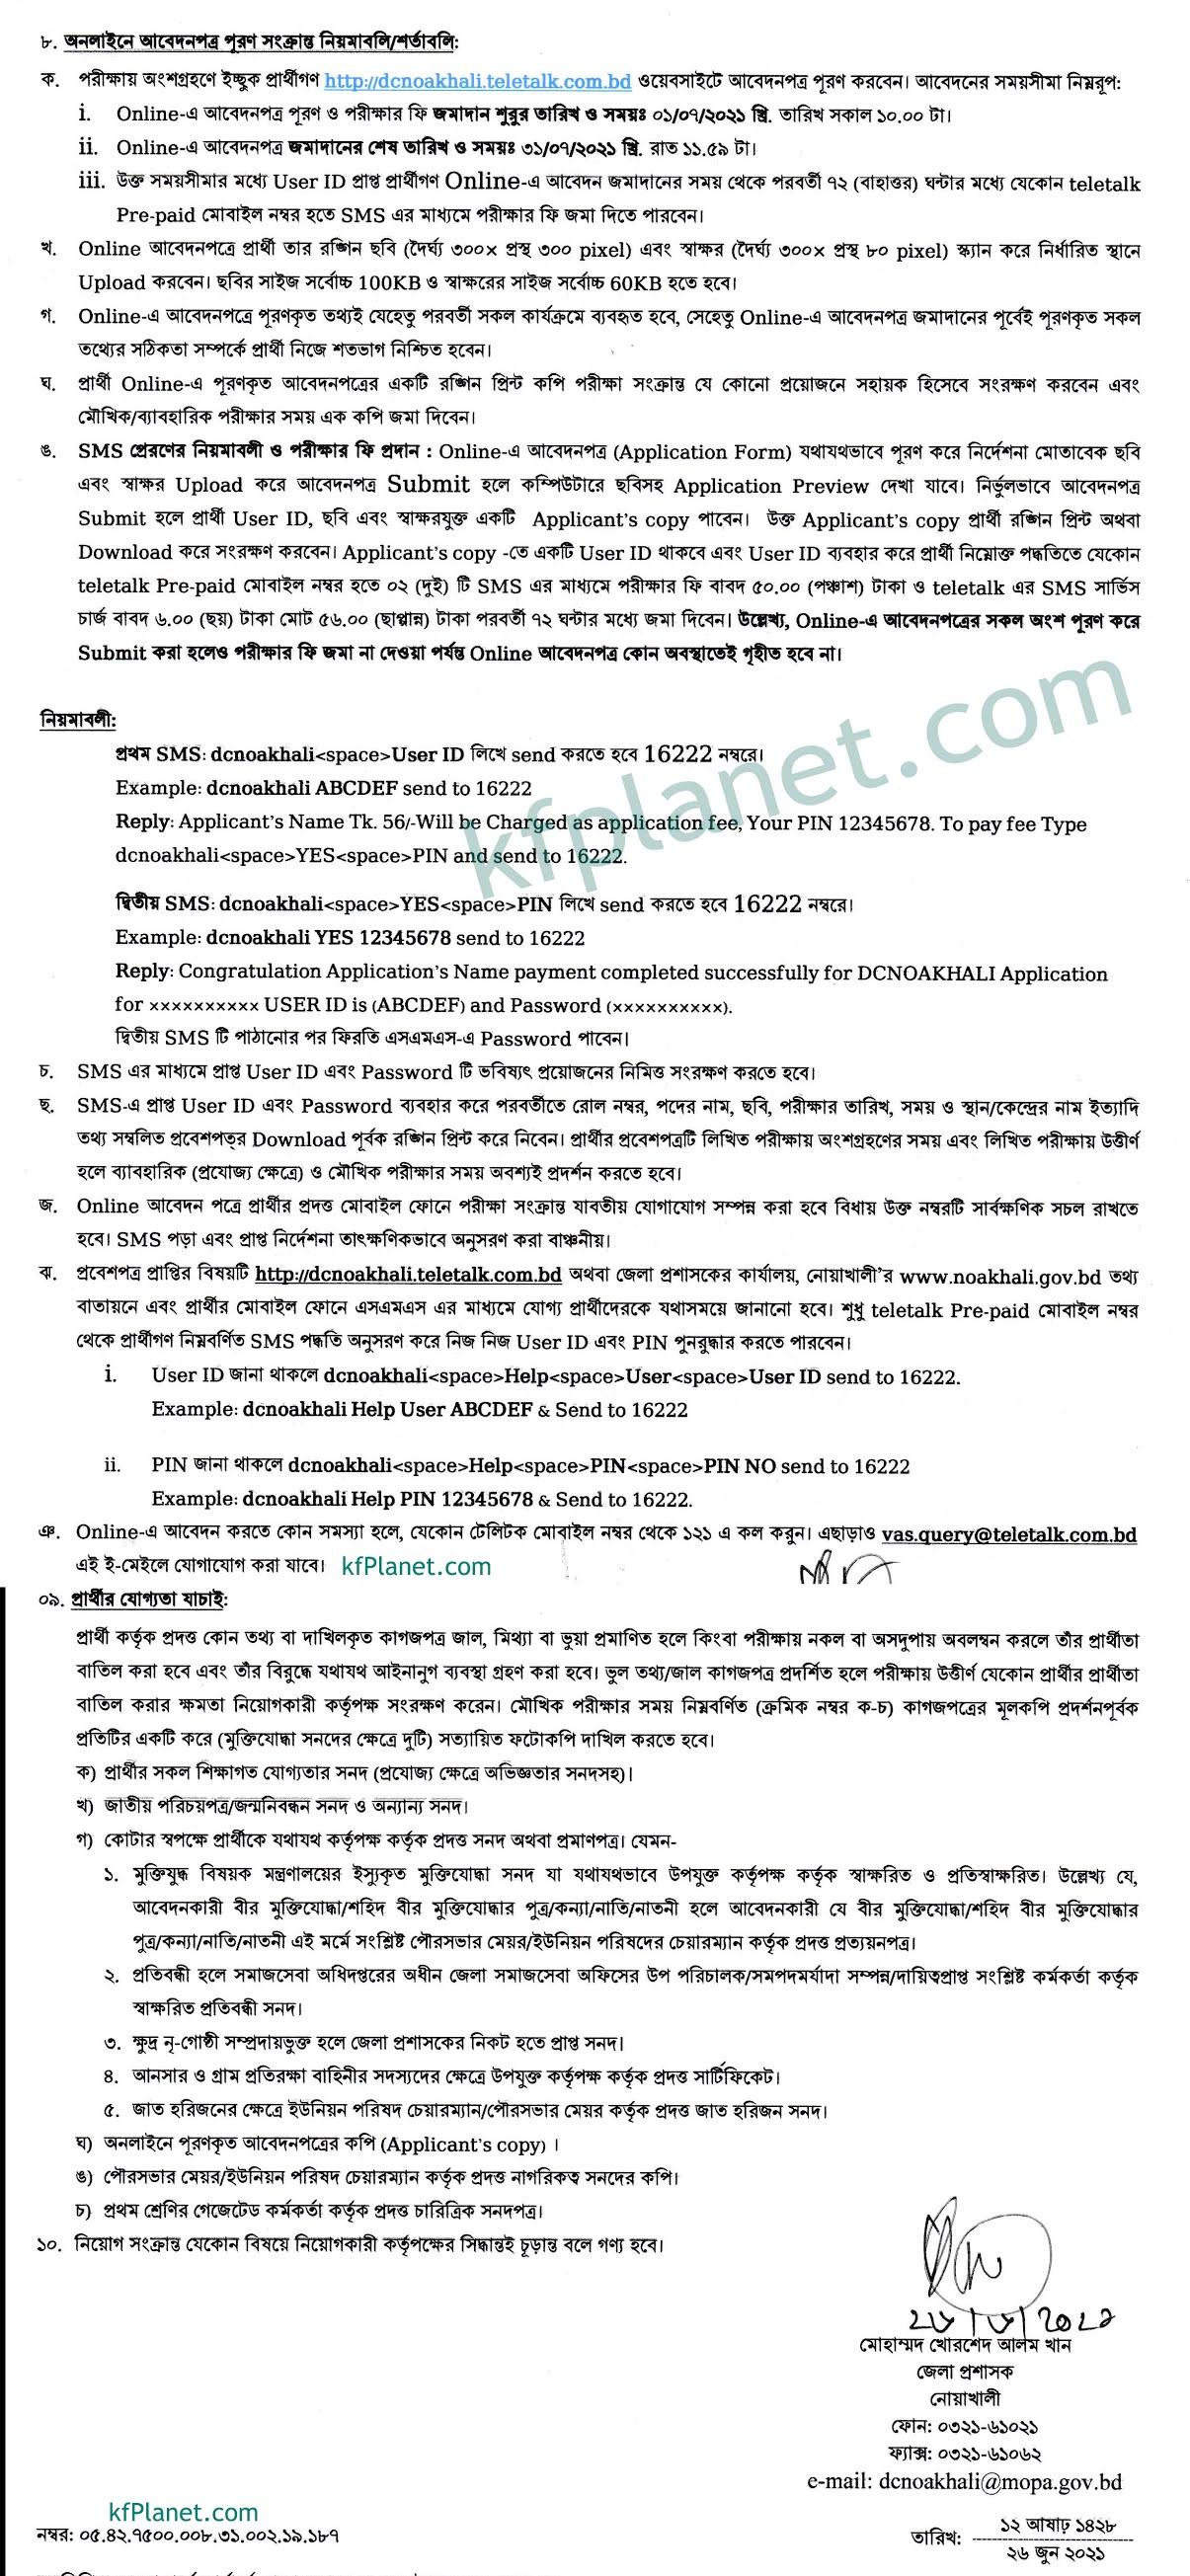 কুমিল্লা জেলা প্রশাসক নিয়োগ বিজ্ঞপ্তি ২০২১ - Comilla District Commissioner Office Job Circular 2021 - জেলা প্রশাসকের কার্যালয়ে ডিসি অফিস নিয়োগ বিজ্ঞপ্তি ২০২১